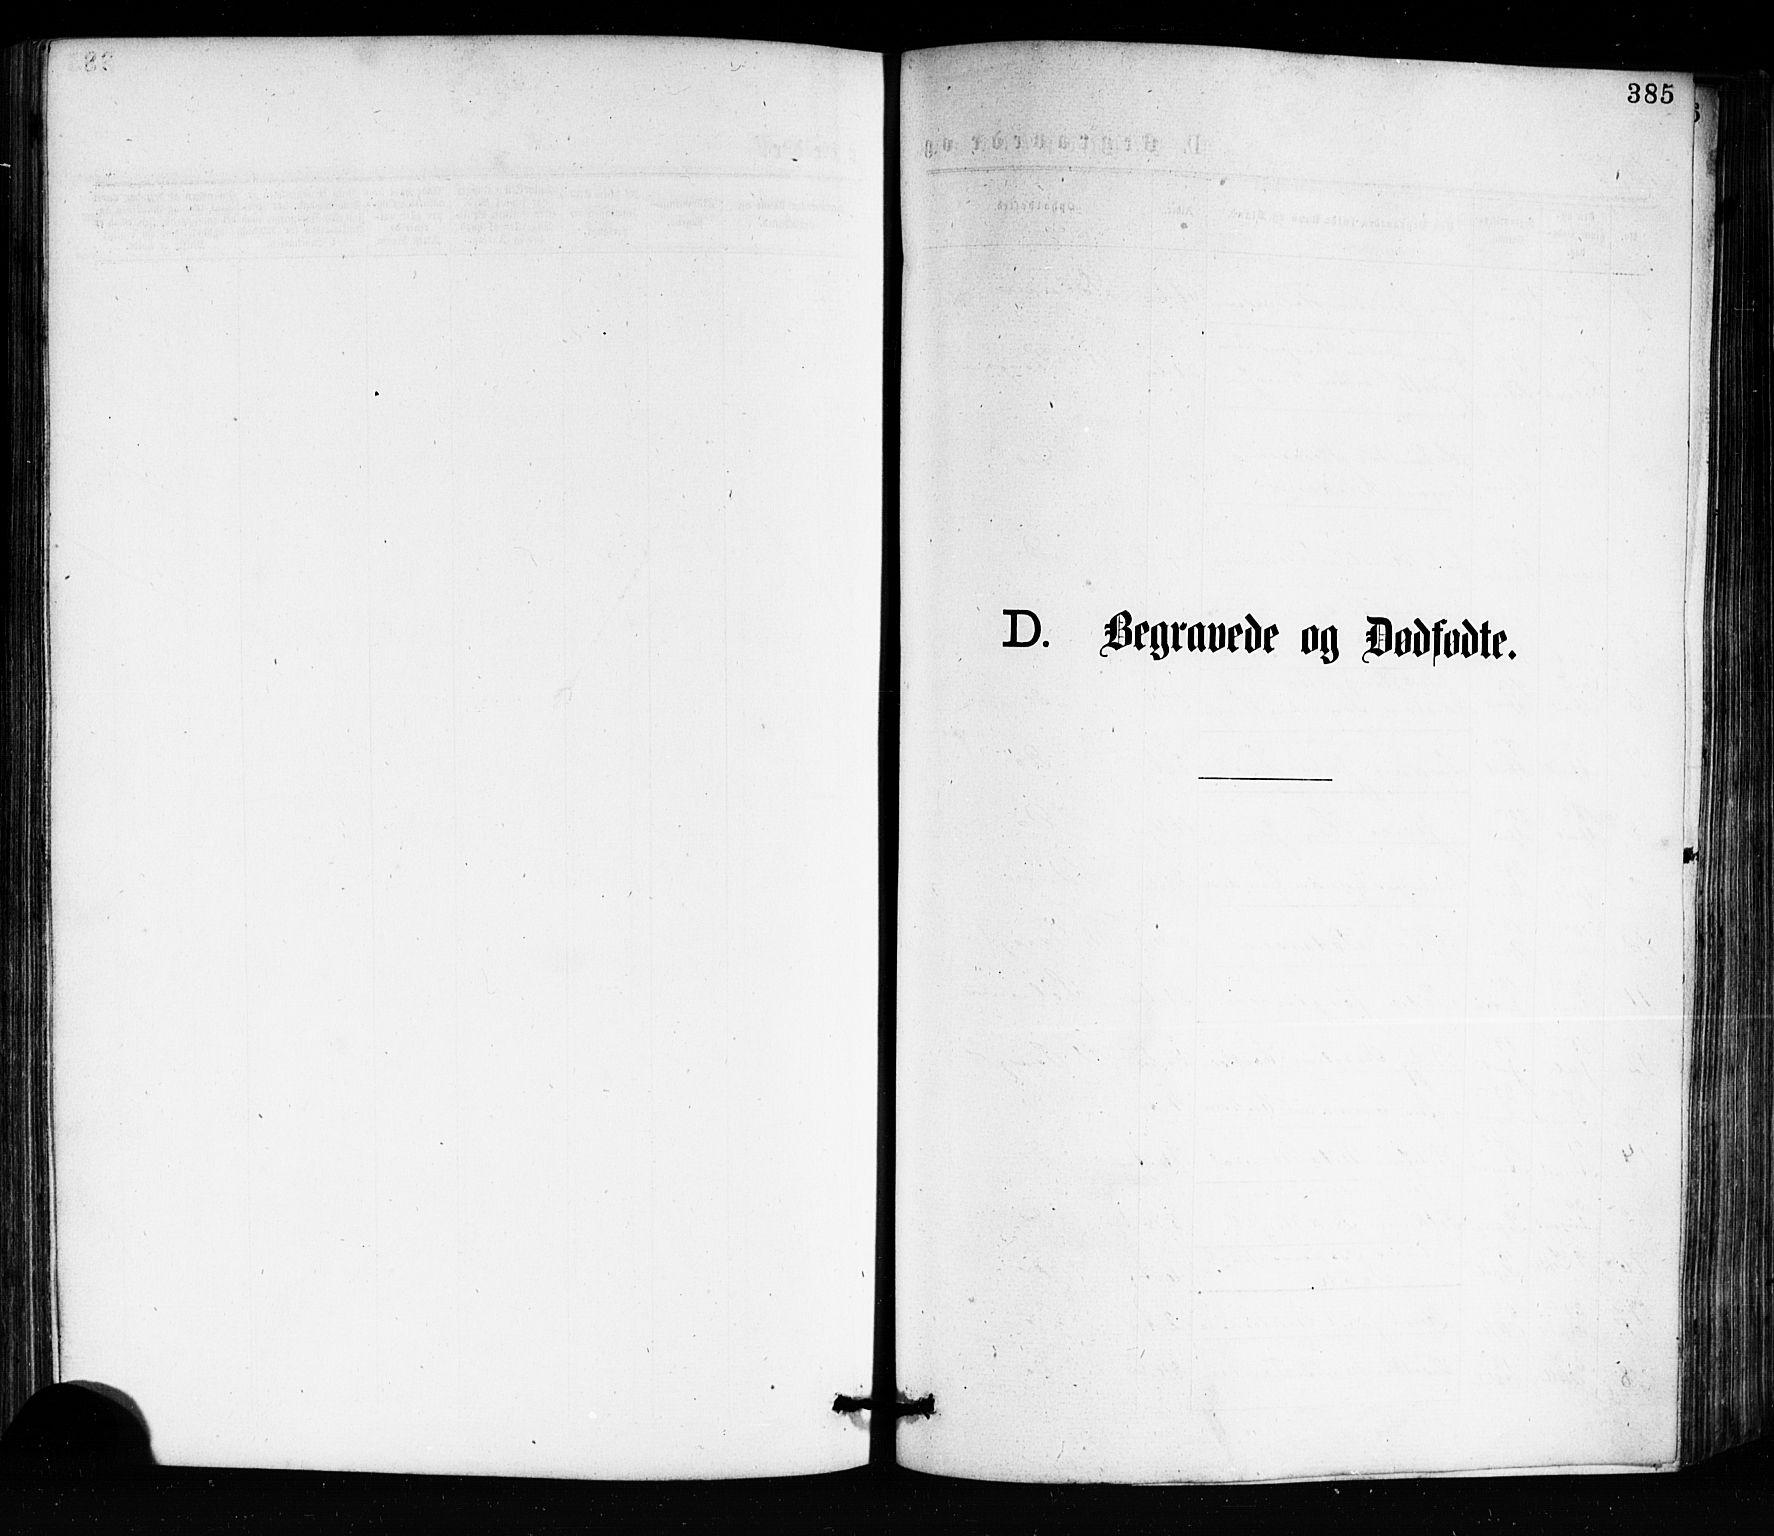 SAKO, Porsgrunn kirkebøker , G/Ga/L0003: Klokkerbok nr. I 3, 1877-1915, s. 385